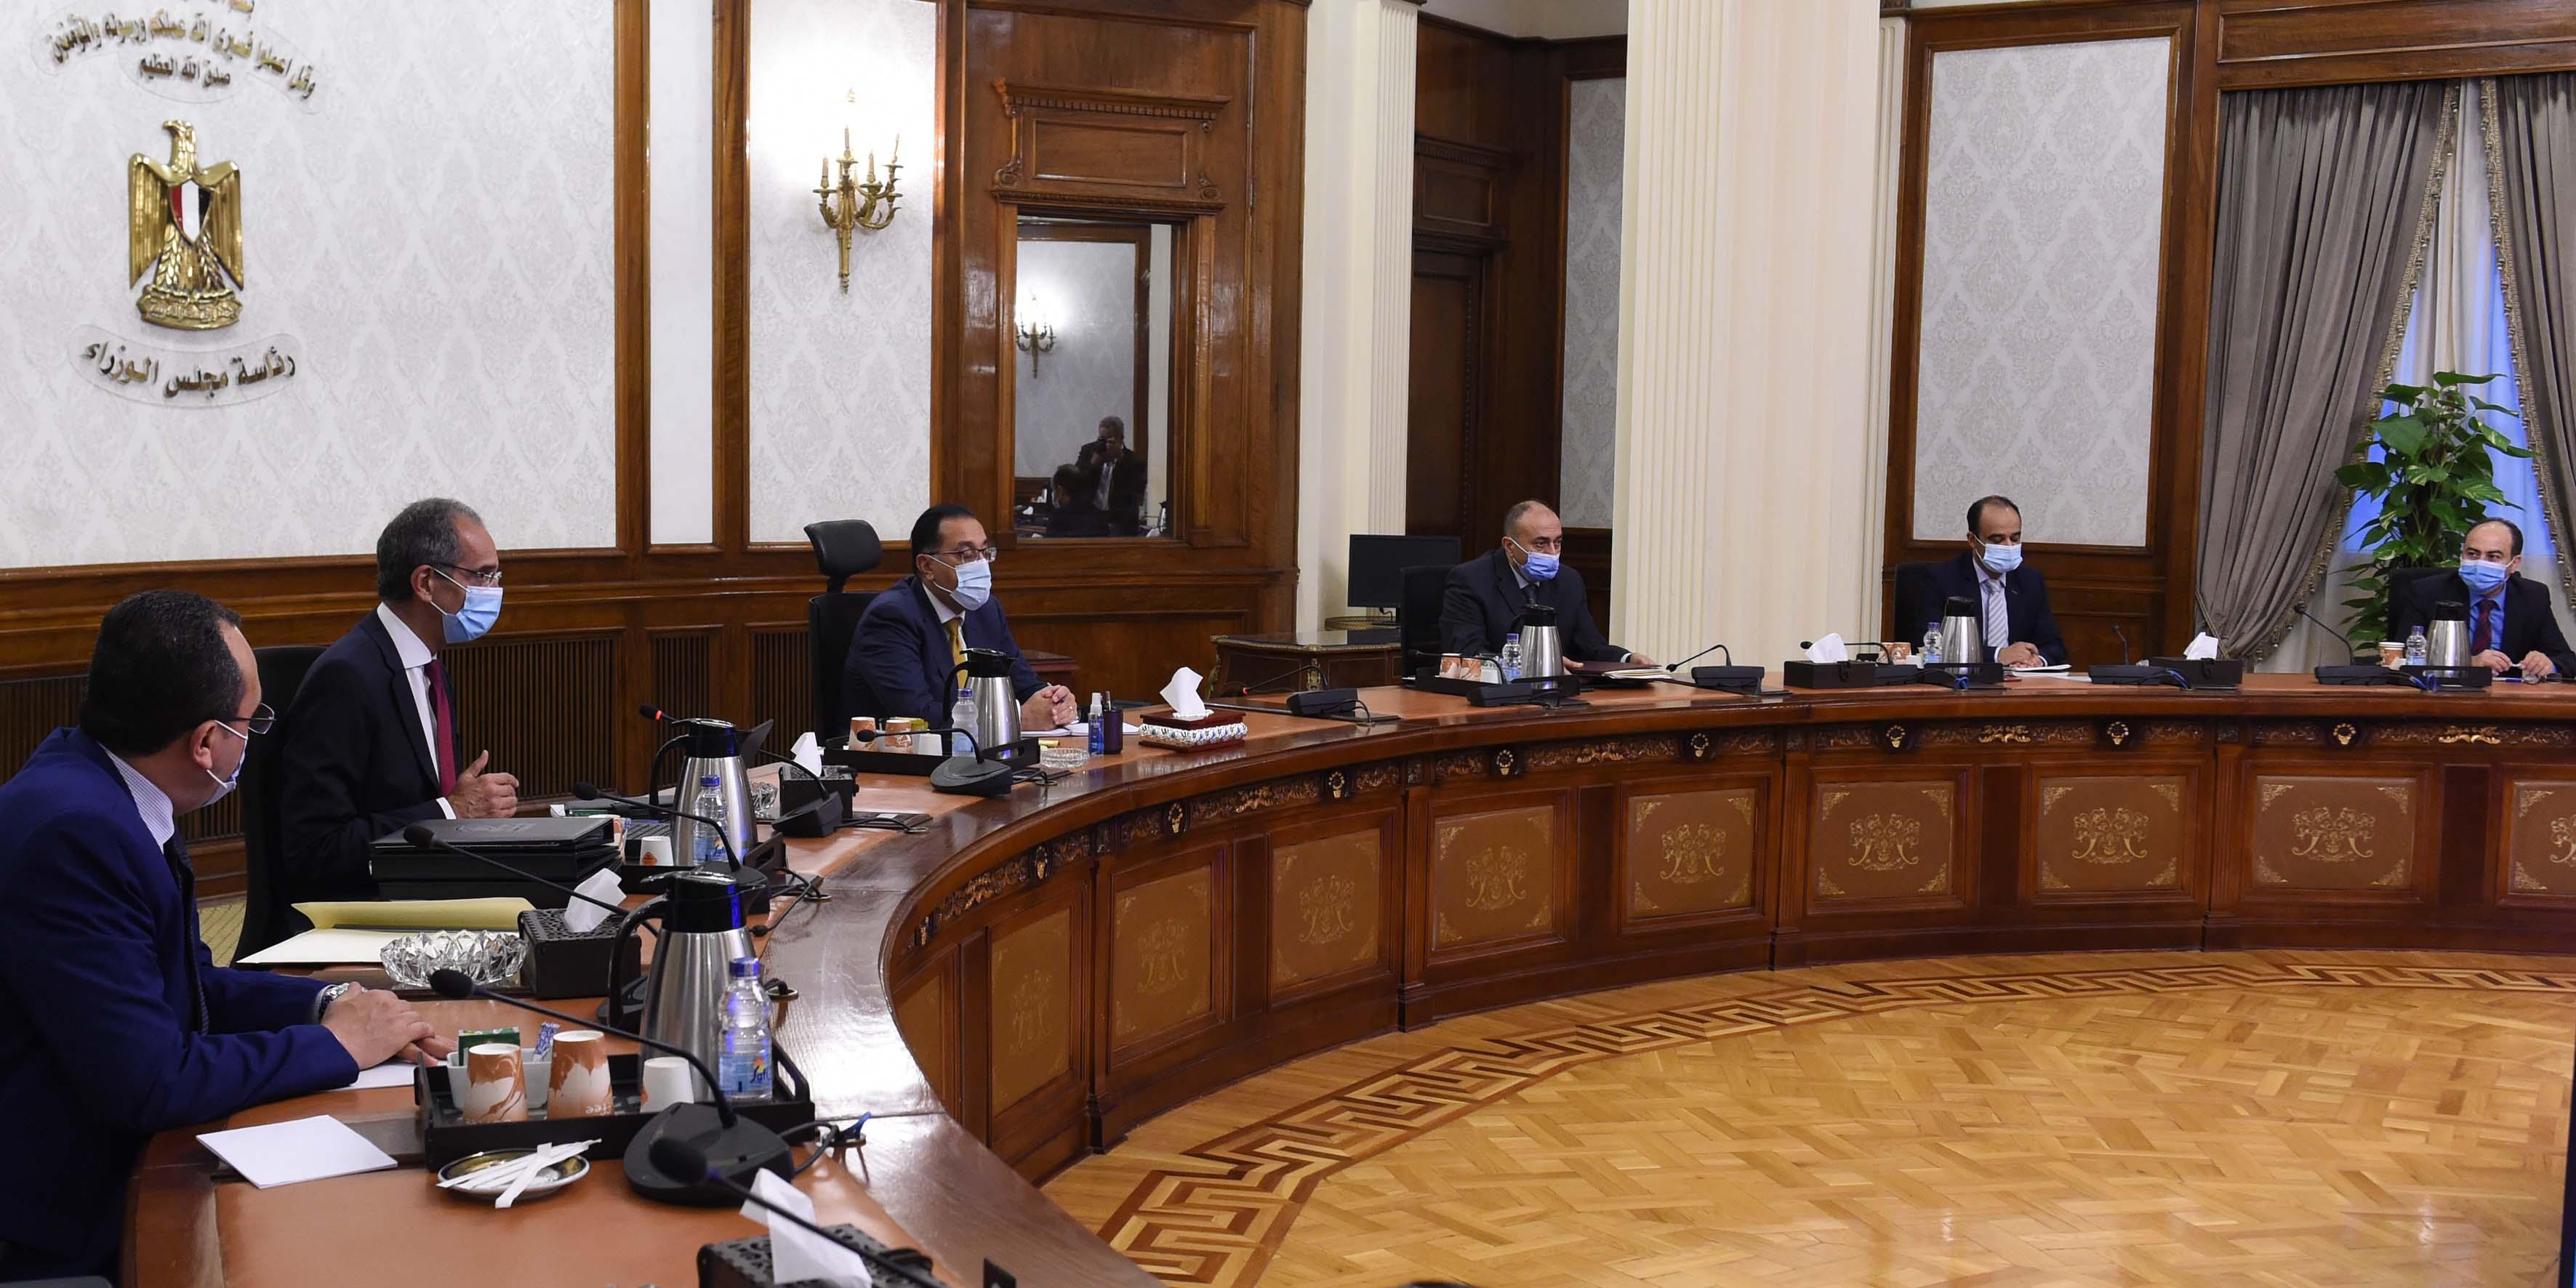 رئيس الوزراء يلتقي وزير الاتصالات لمتابعة مشروعات الوزارة  (4)